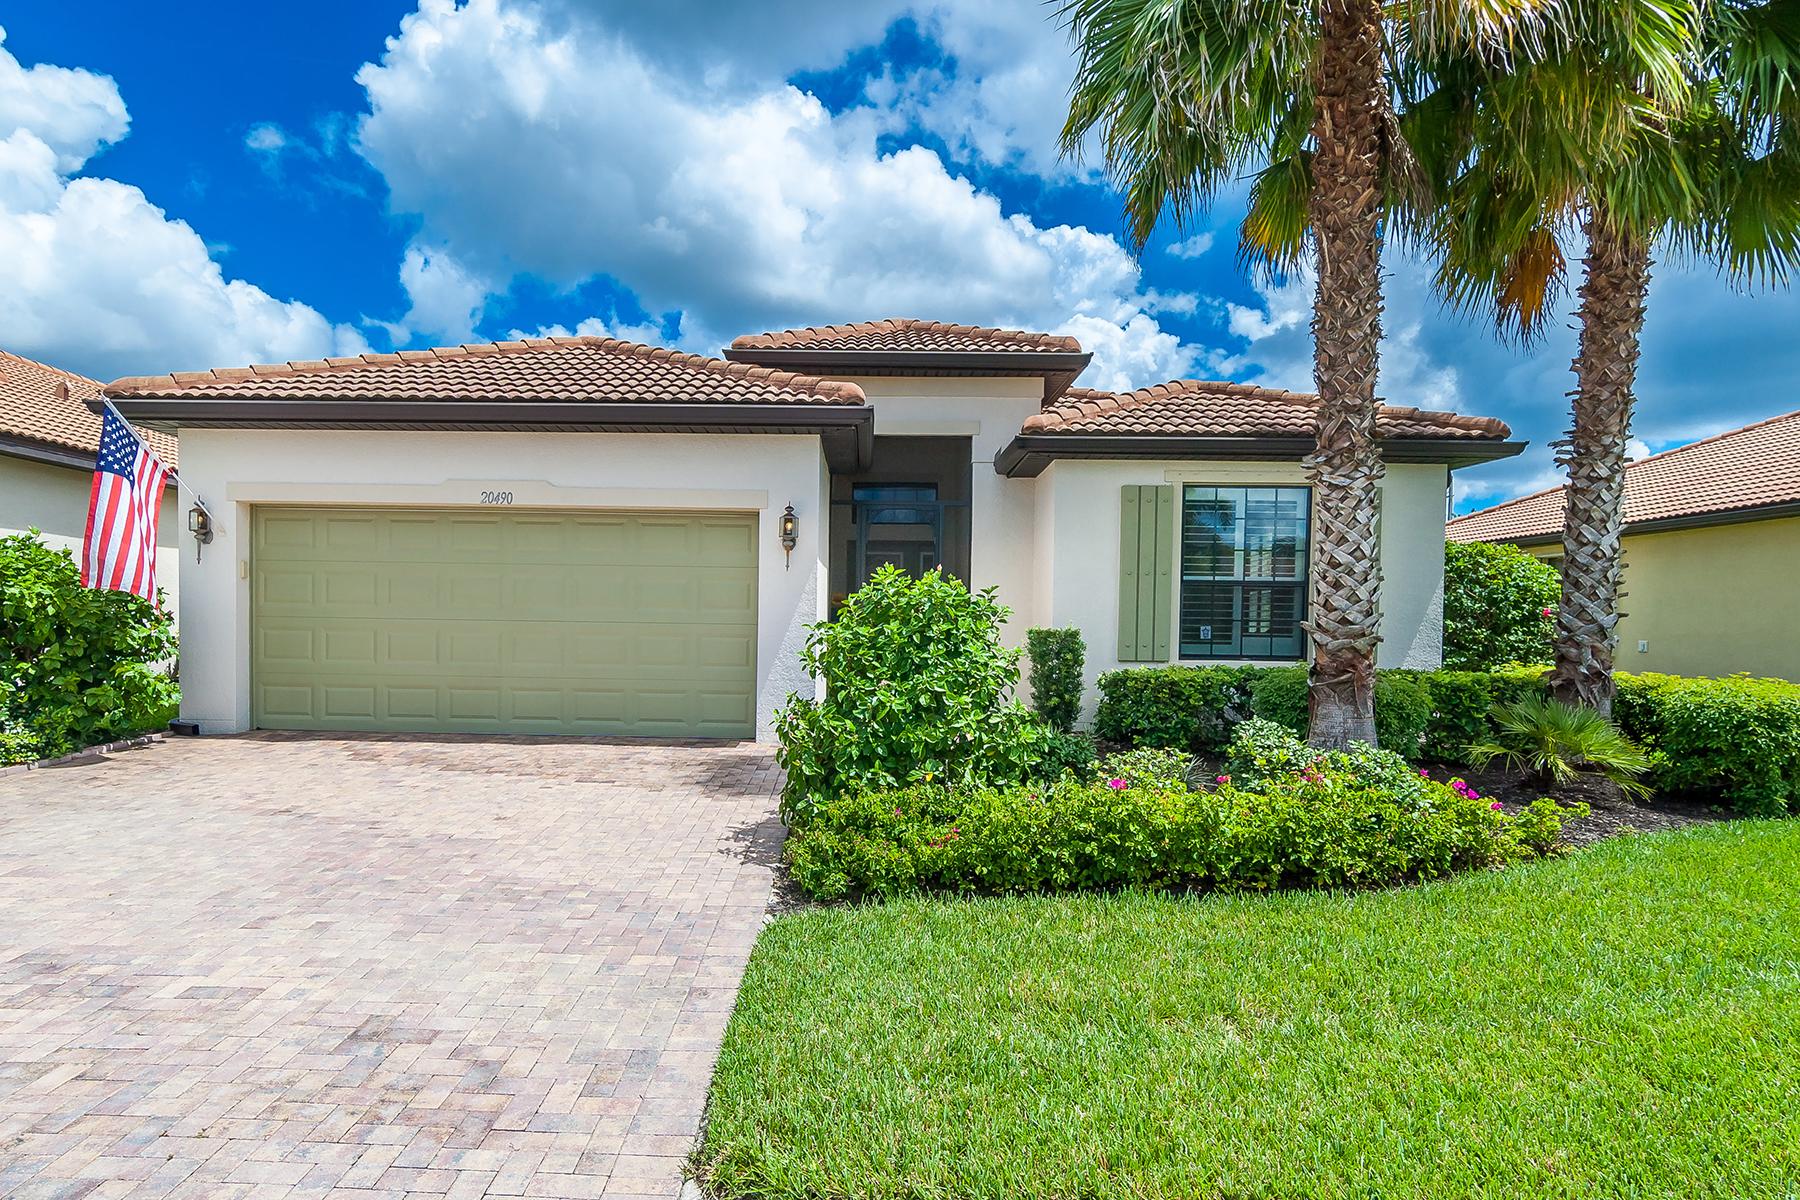 Maison unifamiliale pour l Vente à VENETIAN FALLS 20490 Capello Dr Venice, Florida, 34292 États-Unis